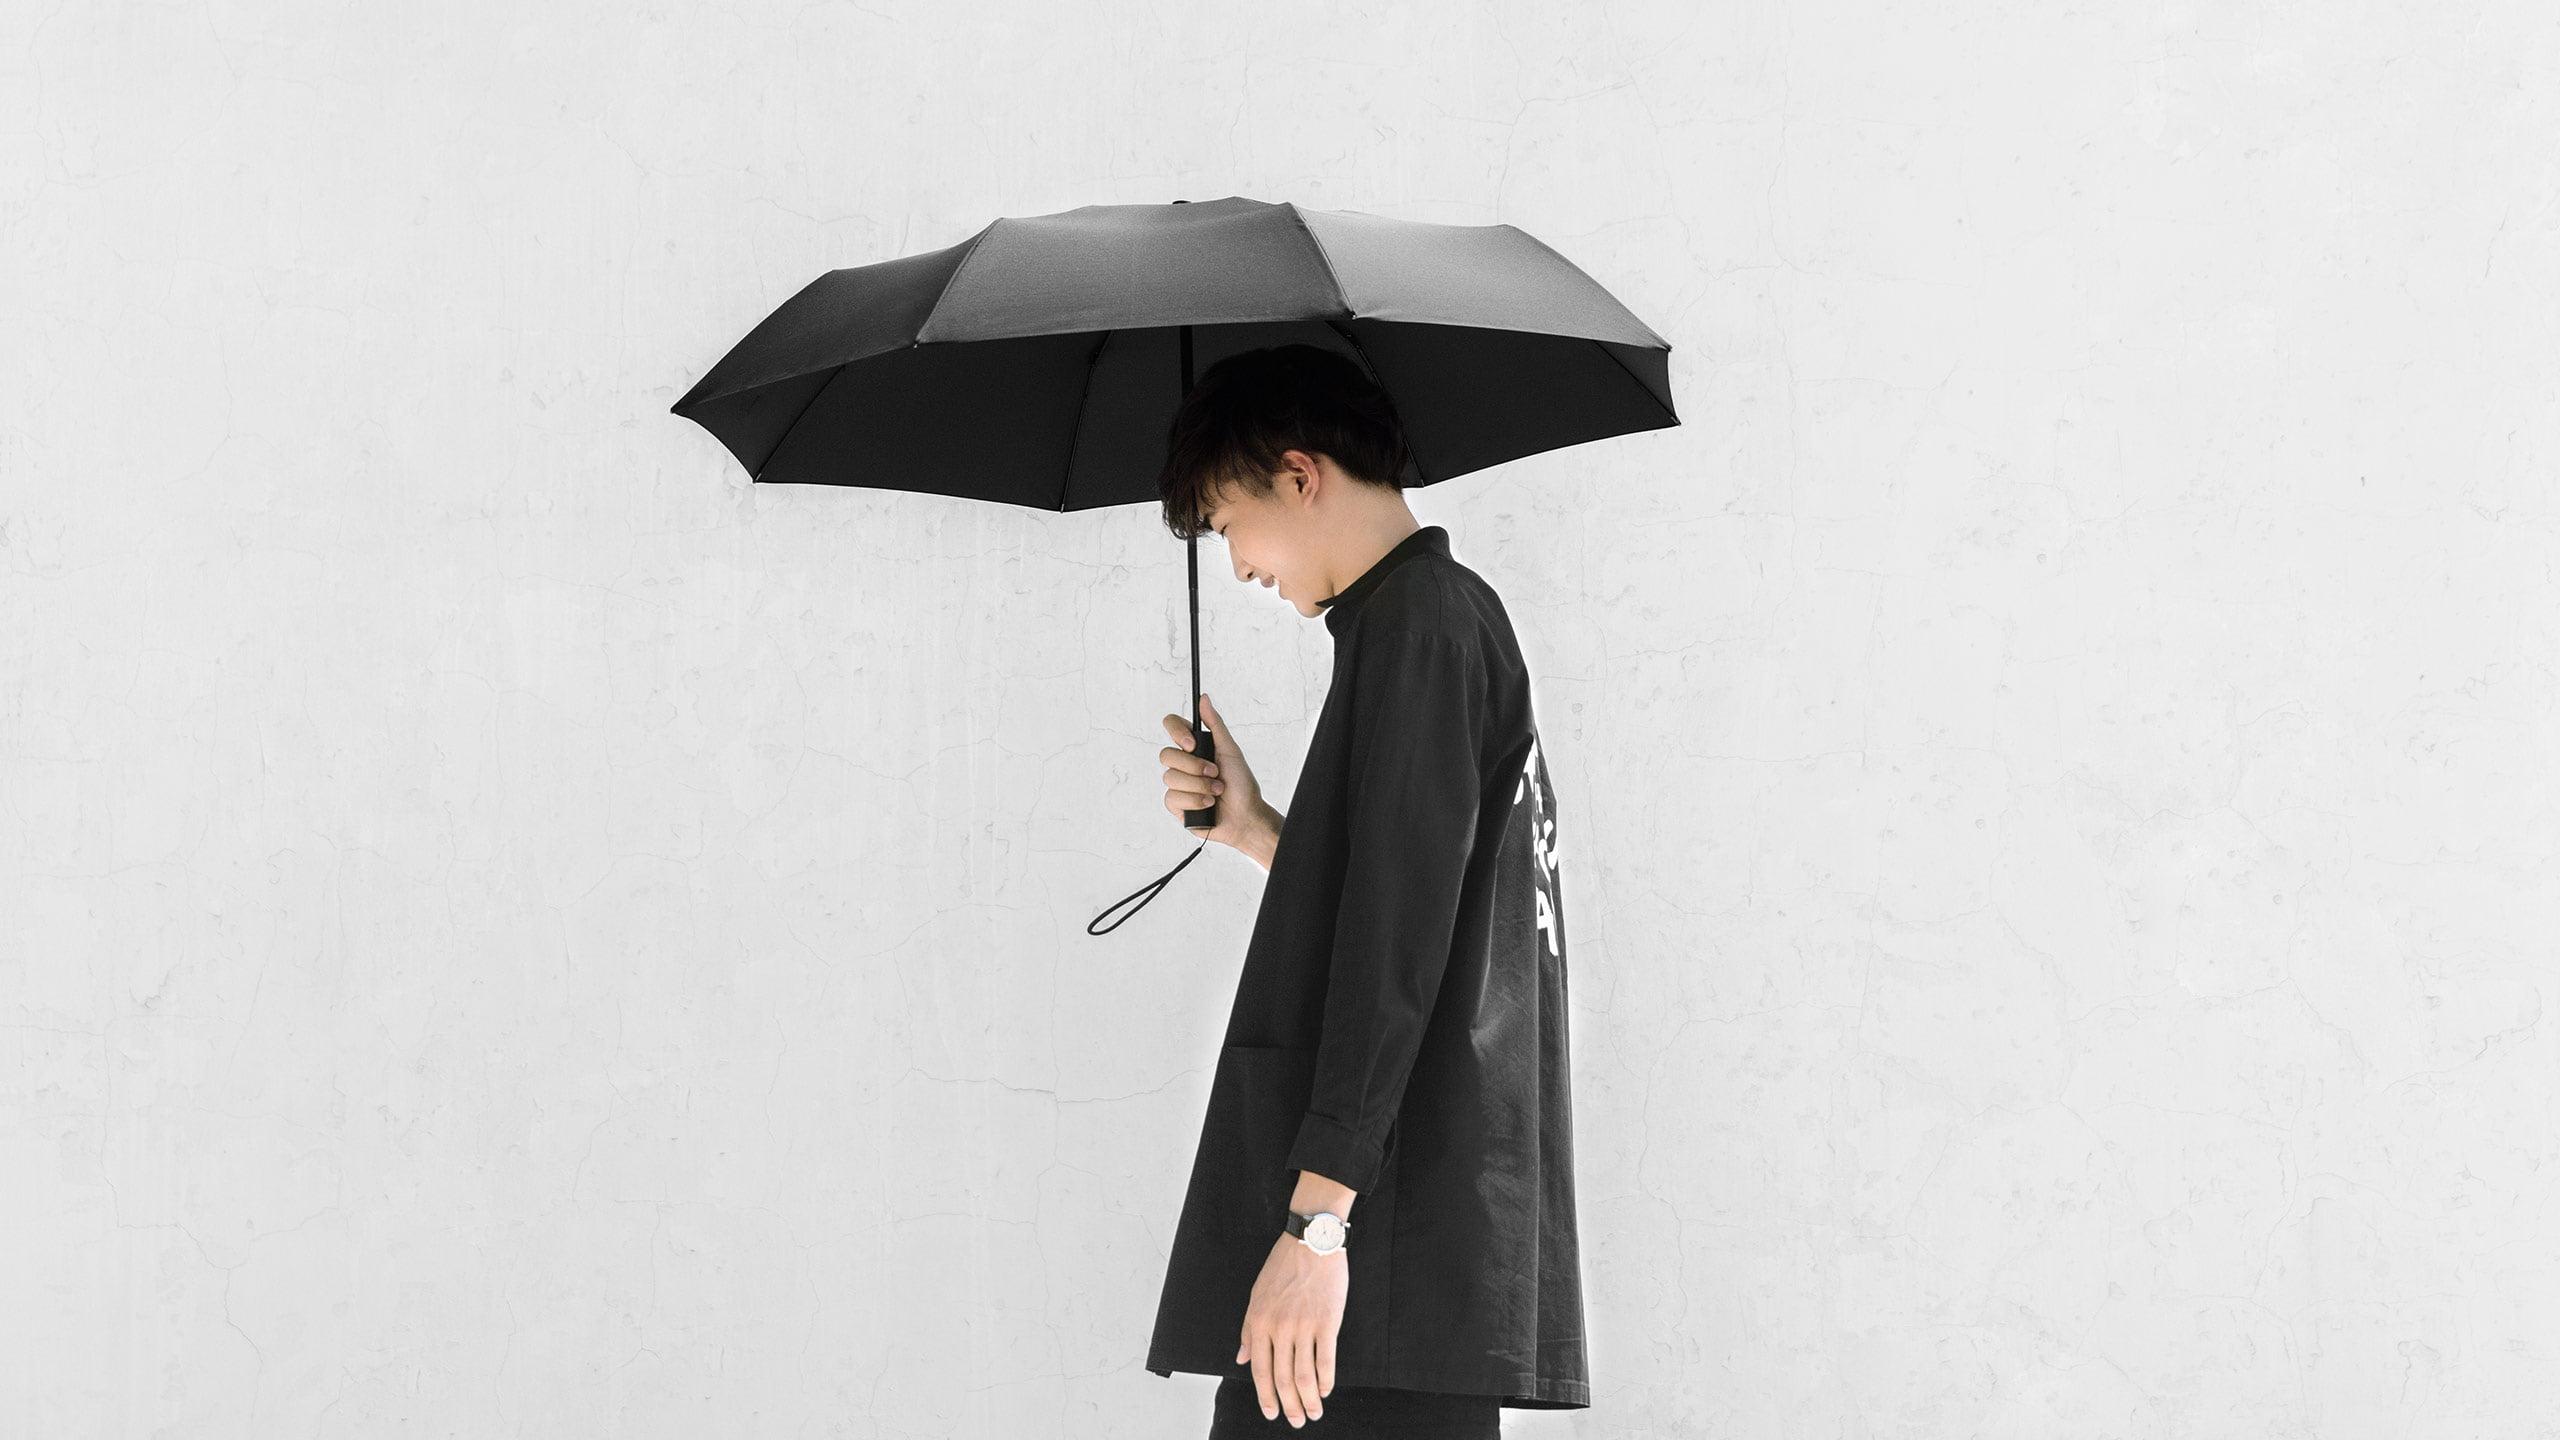 Nowe urządzenia Xiaomi dostępne w oficjalnej polskiej dystrybucji, w tym na przykład... parasol 16